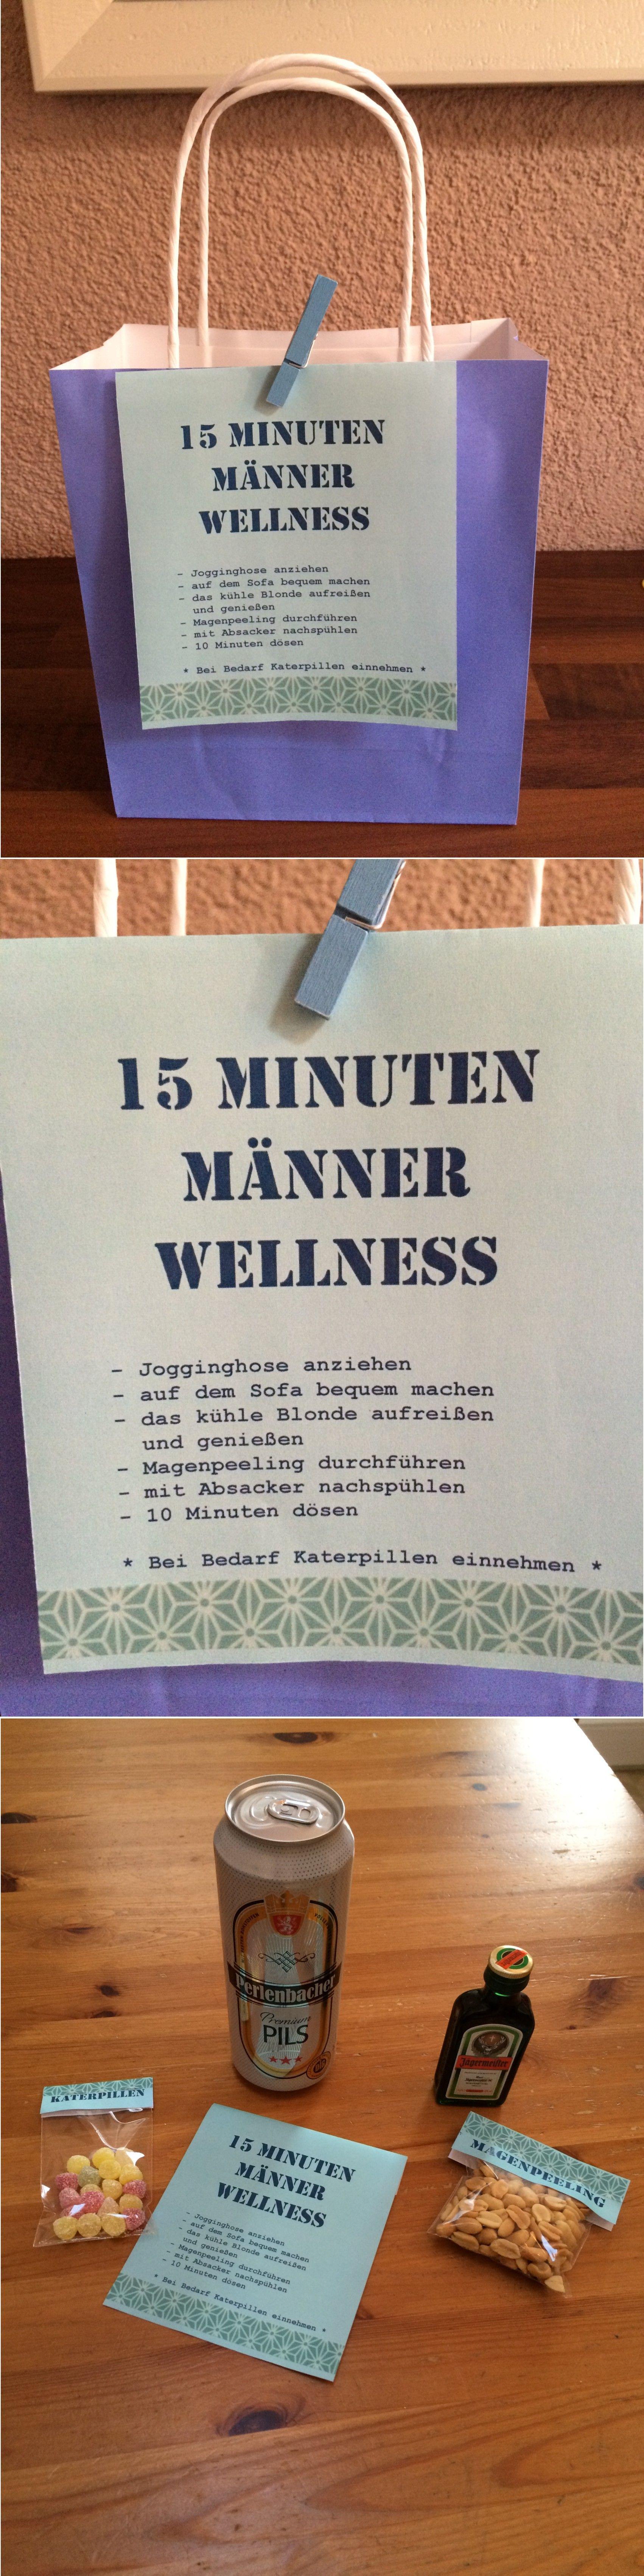 Lustige Geschenke Für Männer  15 Minuten Männer Wellness Geschenkidee für den Mann